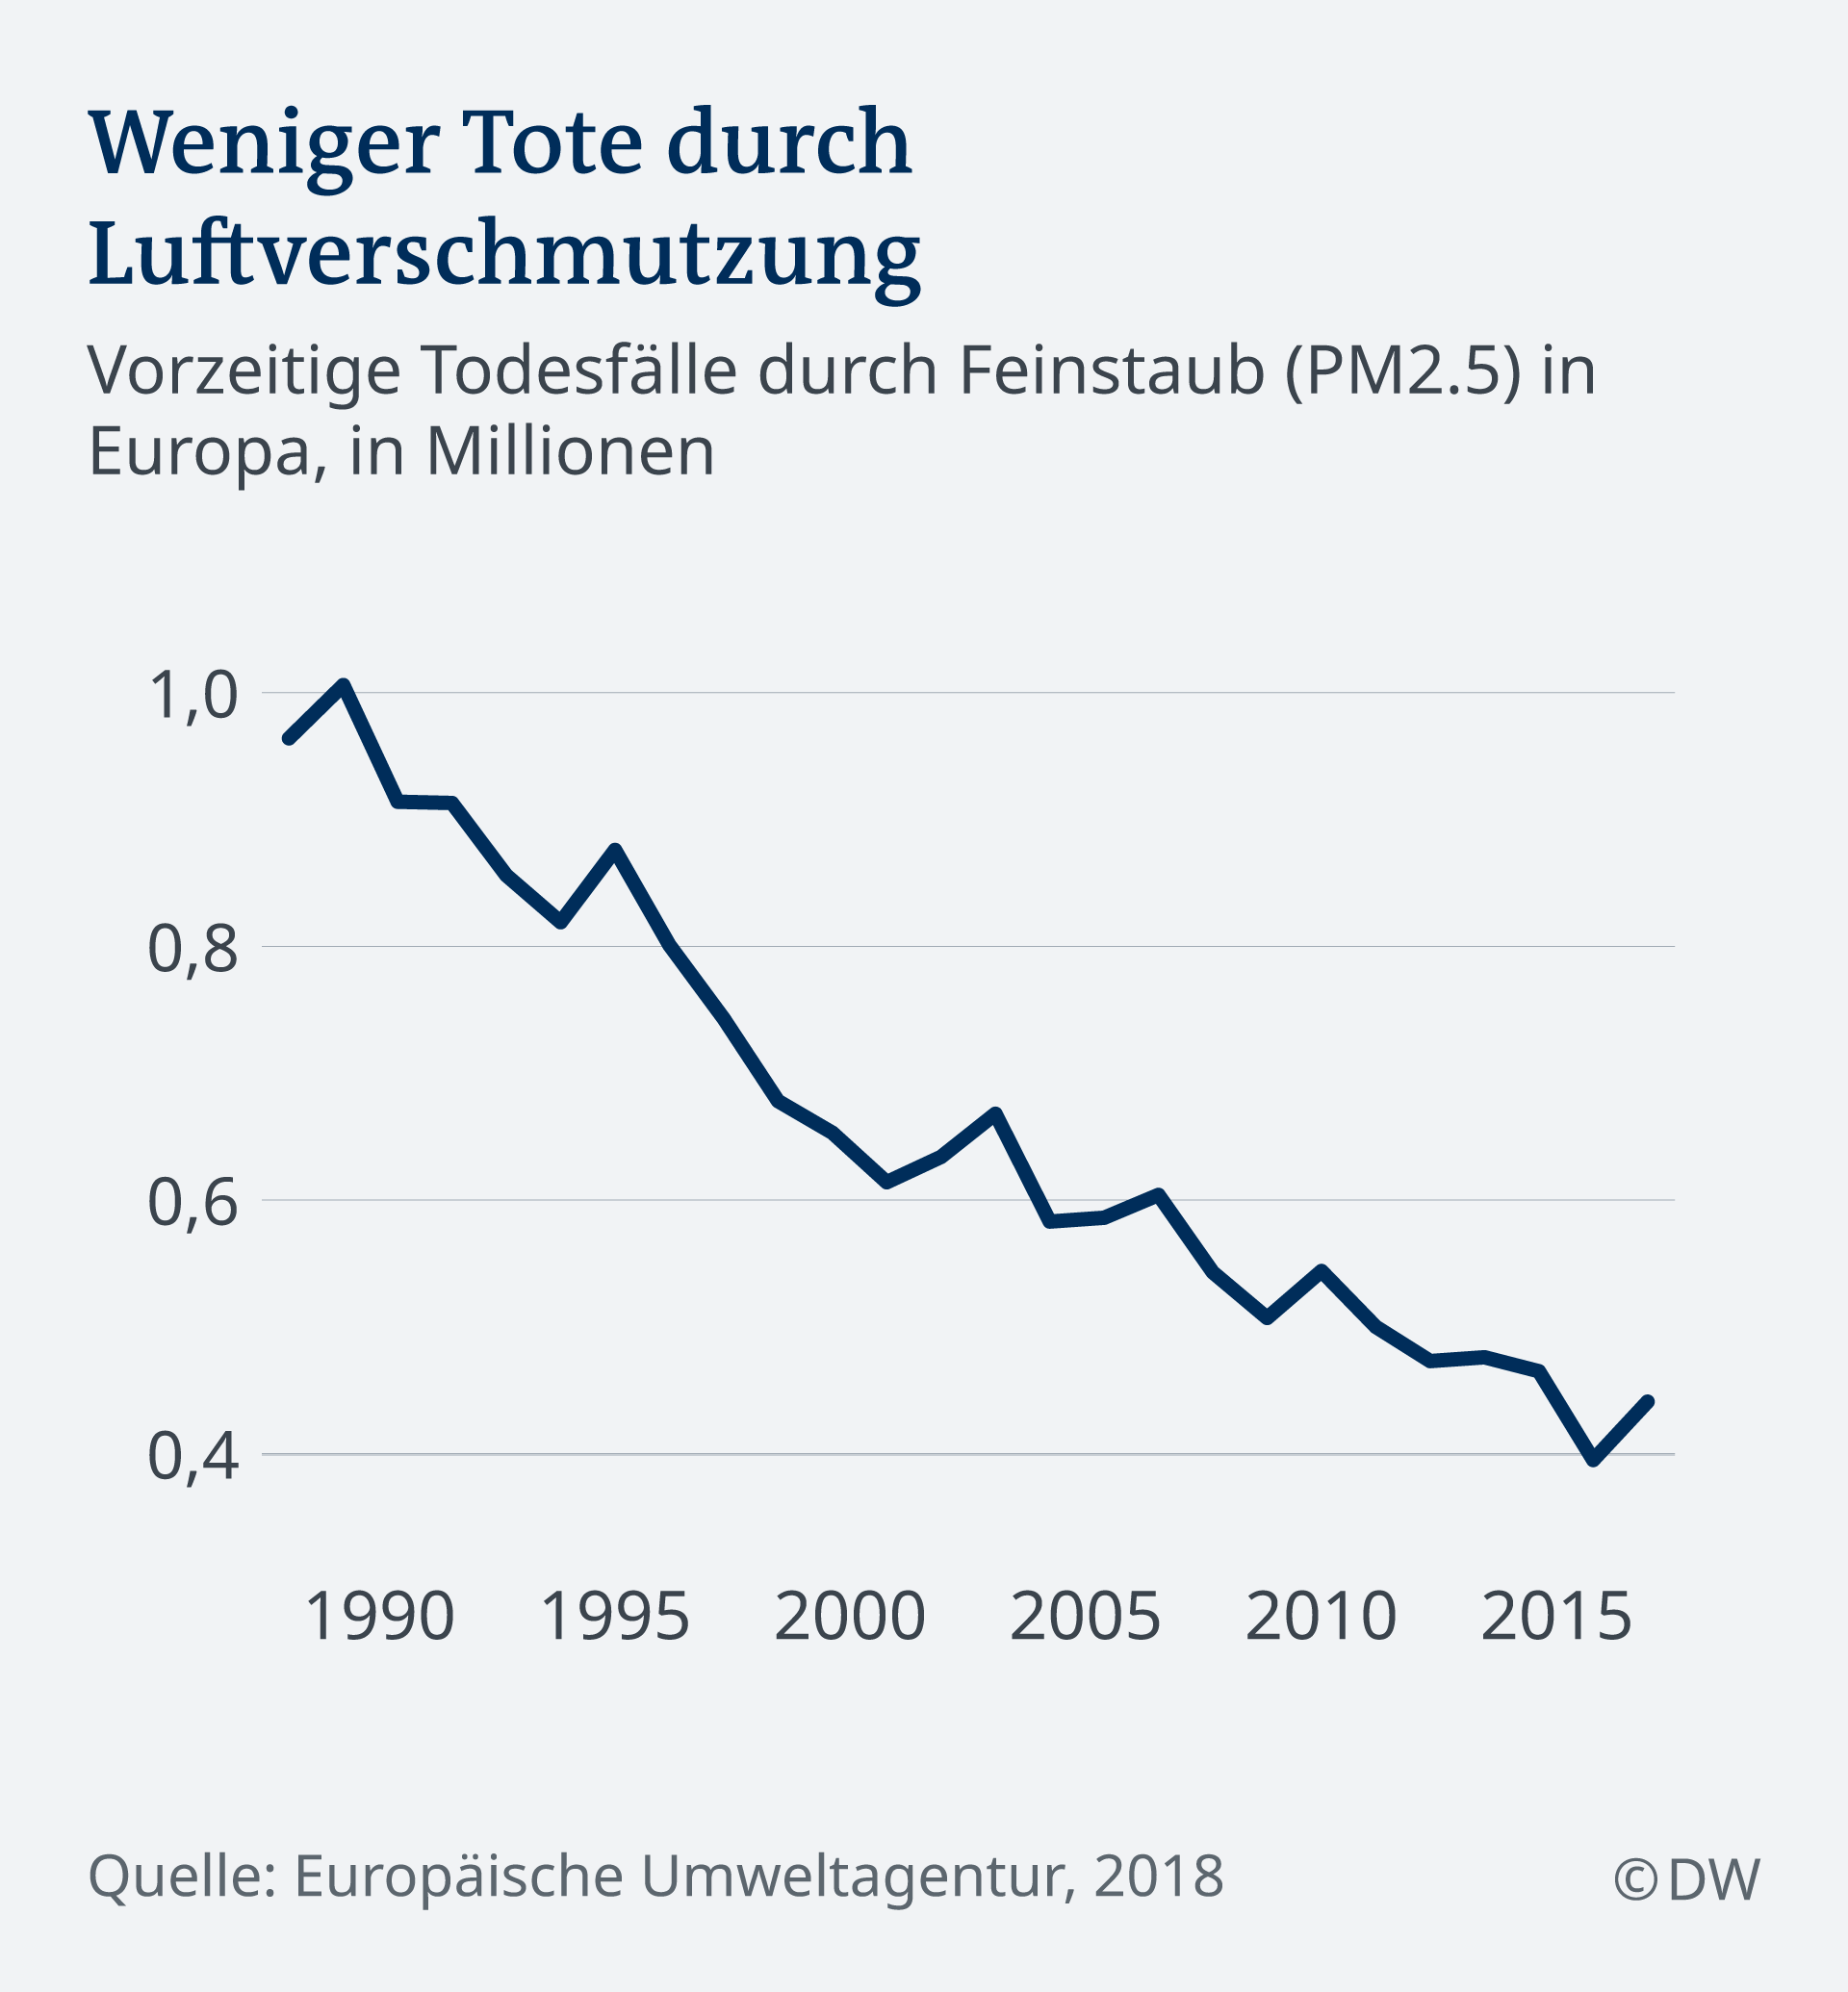 Liniengrafik zeigt die Zahl der frühzeitigen Todesfälle von 1990 bis 2015